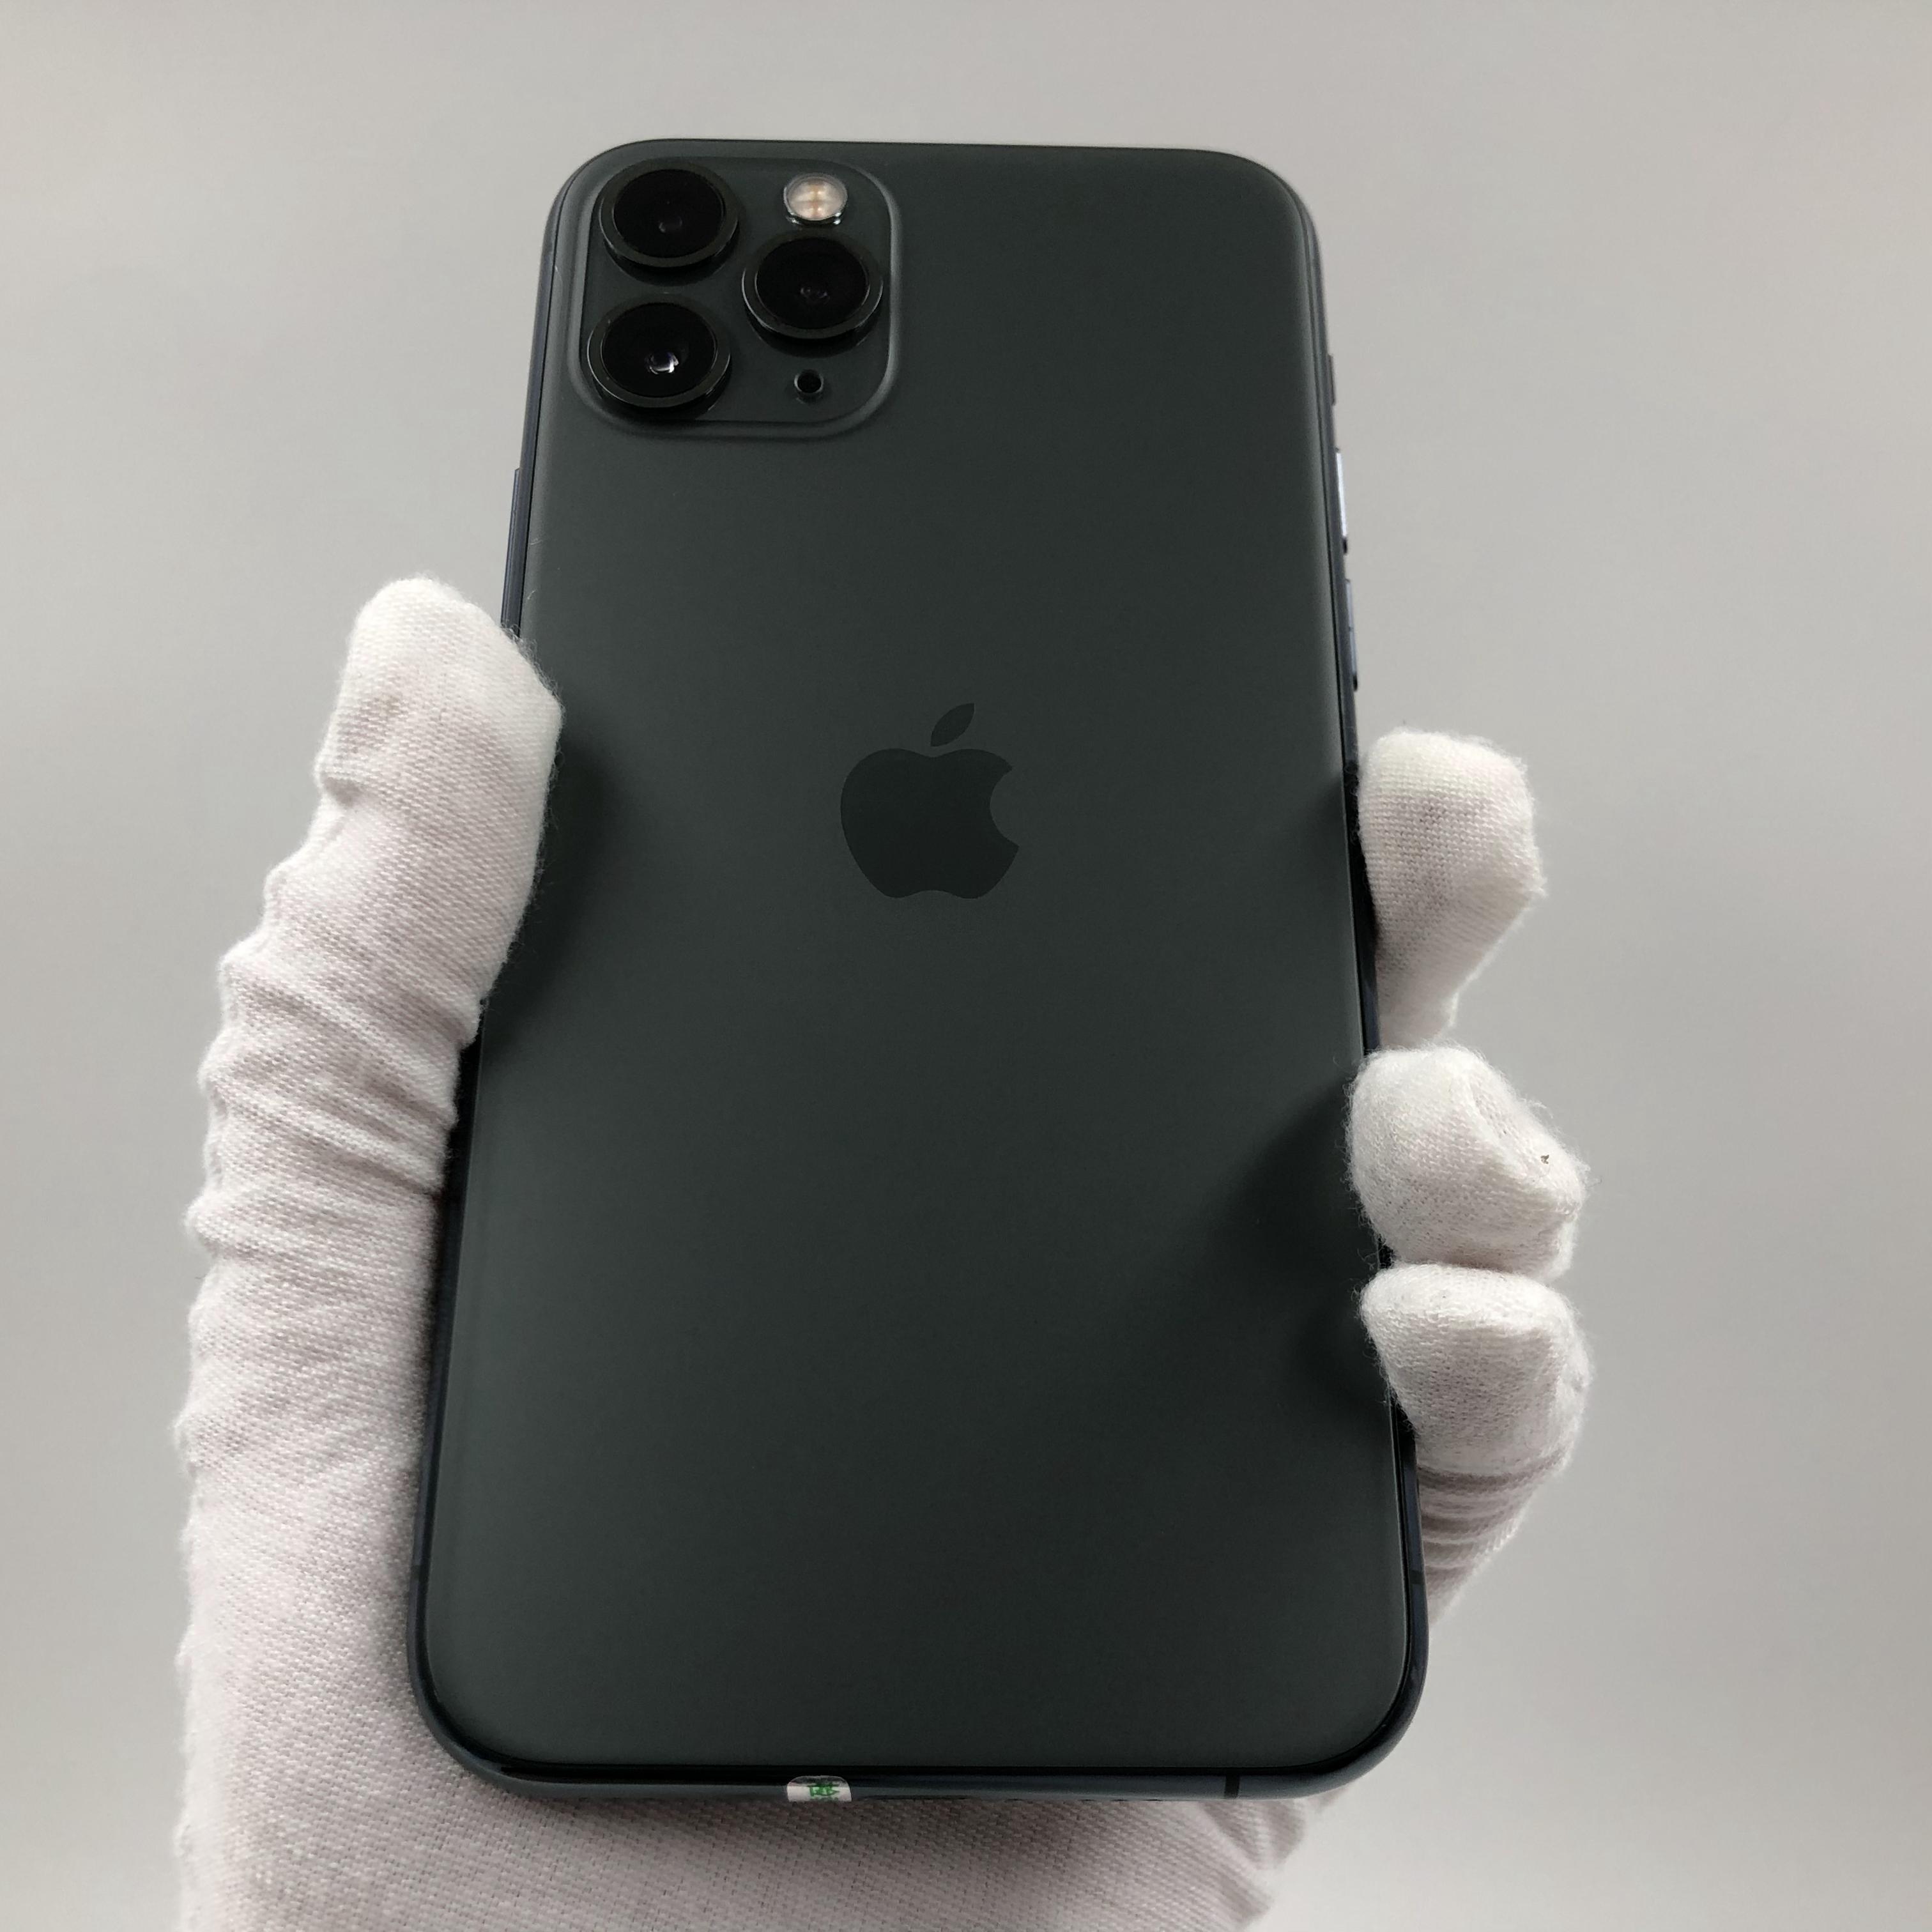 苹果【iPhone 11 Pro】4G全网通 暗夜绿色 64G 国行 8成新 真机实拍官保2021-09-20